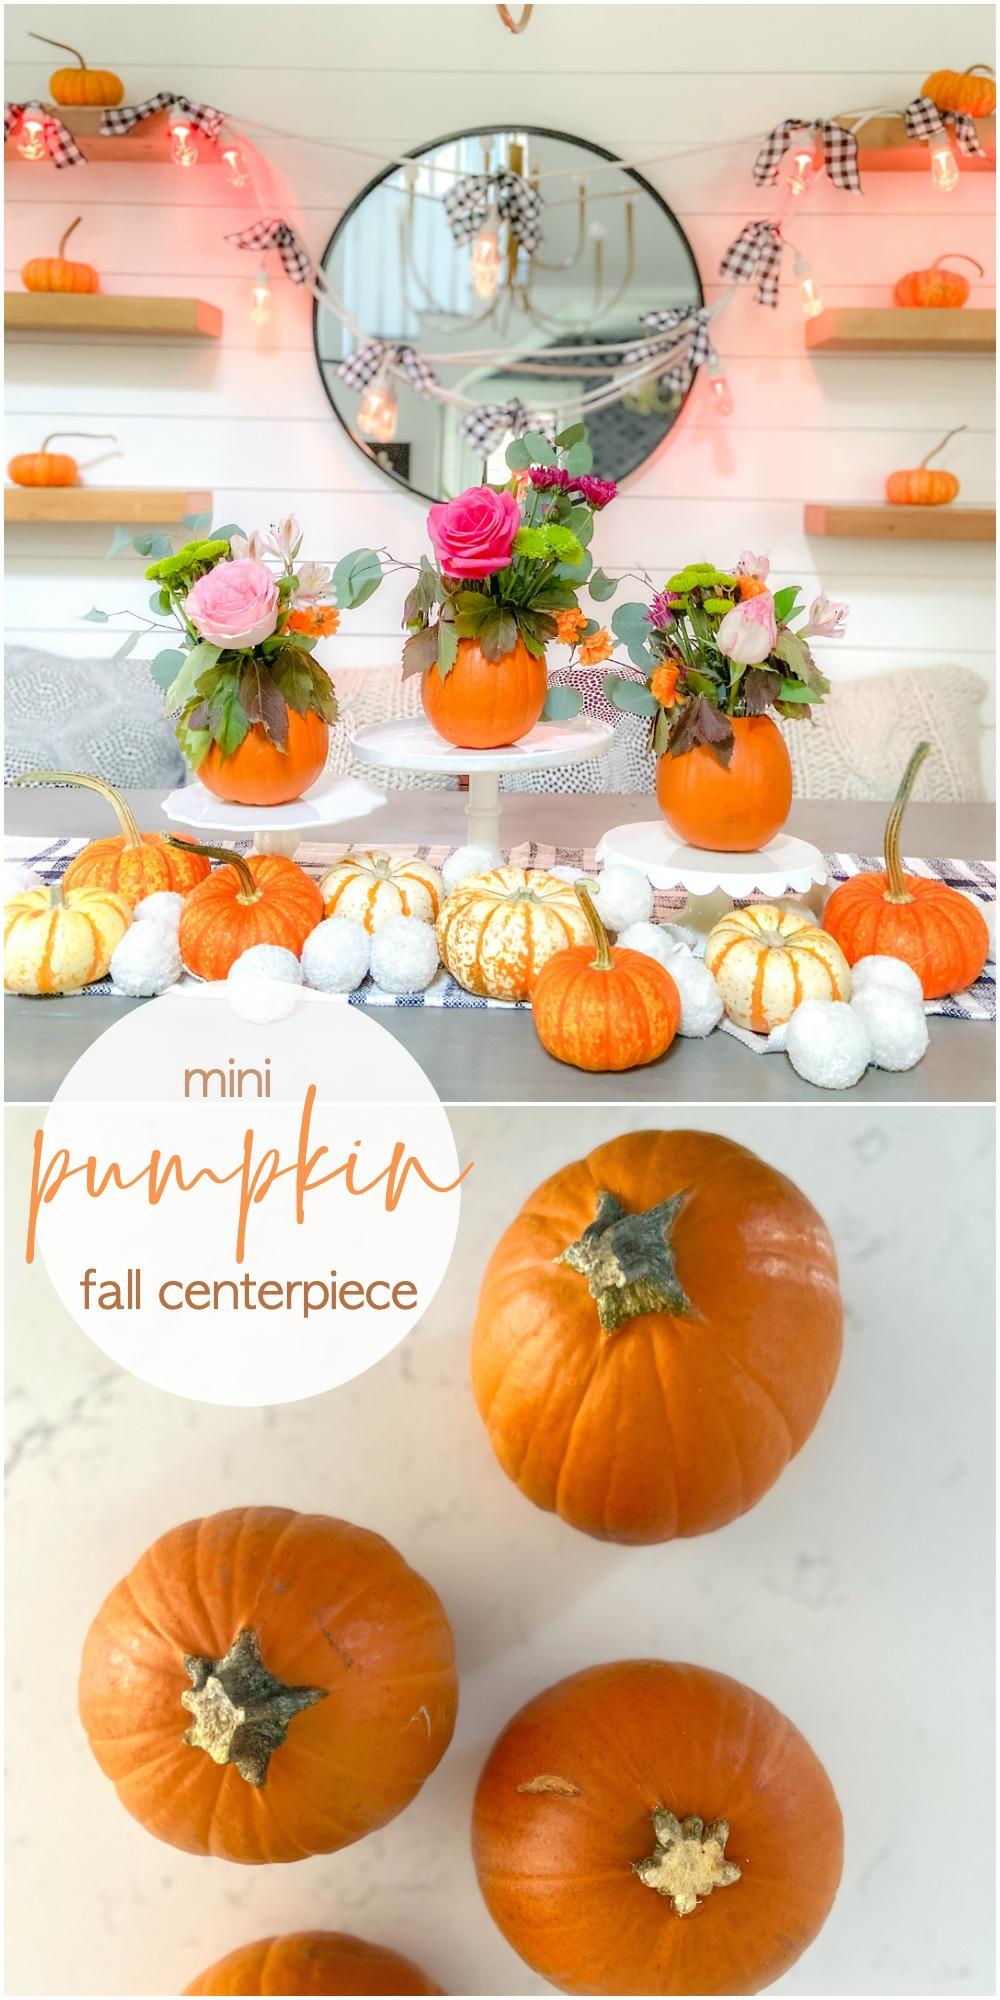 Mini Pumpkin Flower Arrangement Centerpieces. Care small pumpkins and display cut flowers for an festive fall centerpiece.